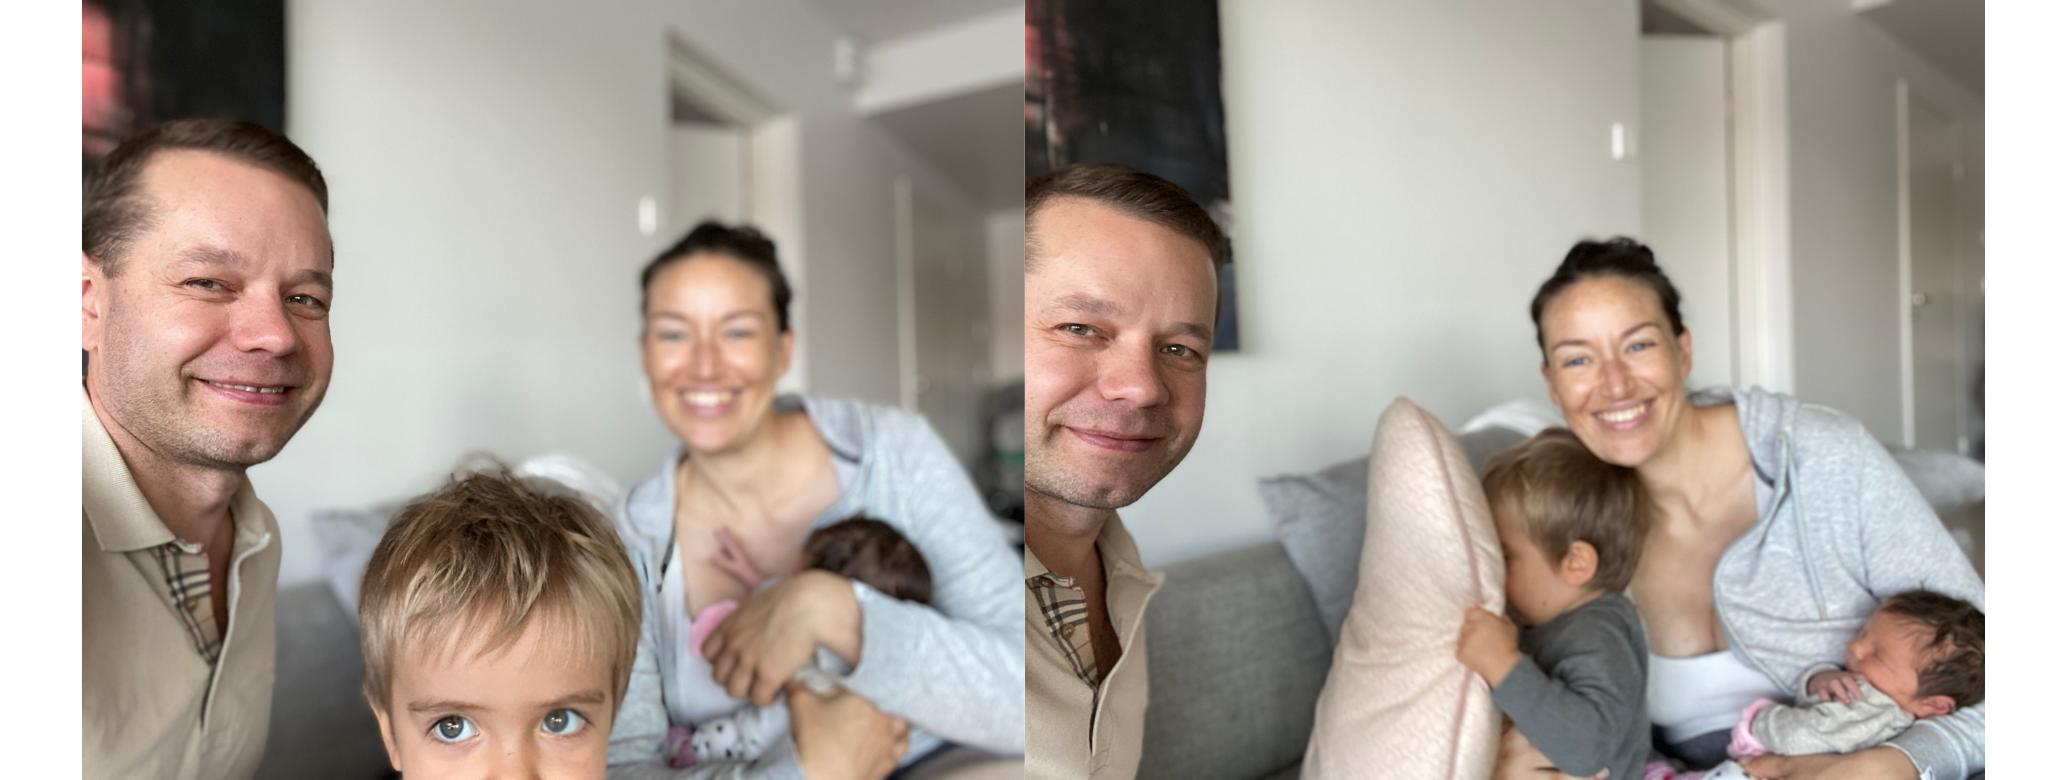 Ensimmäinen viikko kahden lapsen vanhempina